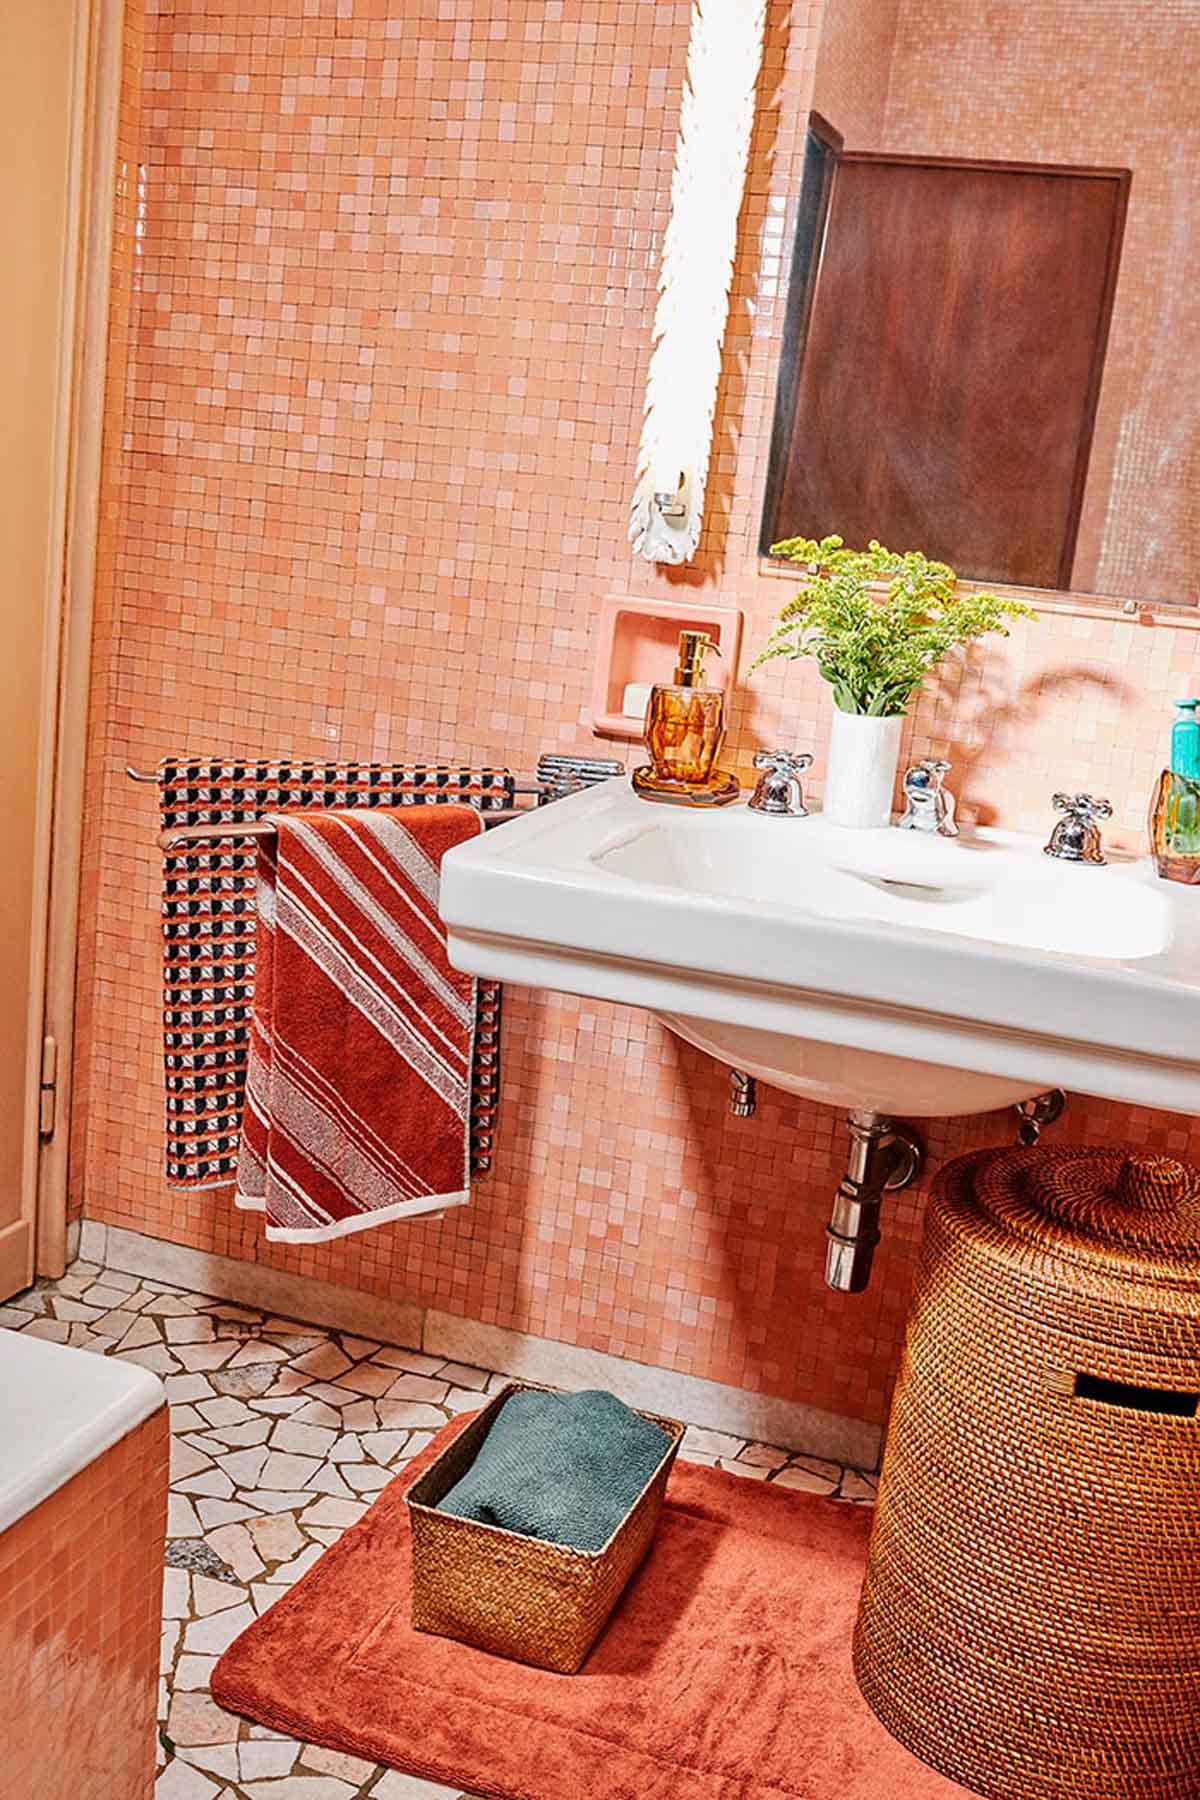 La nuova collezione zara home interpretata alla milanese - Zara home bagno ...